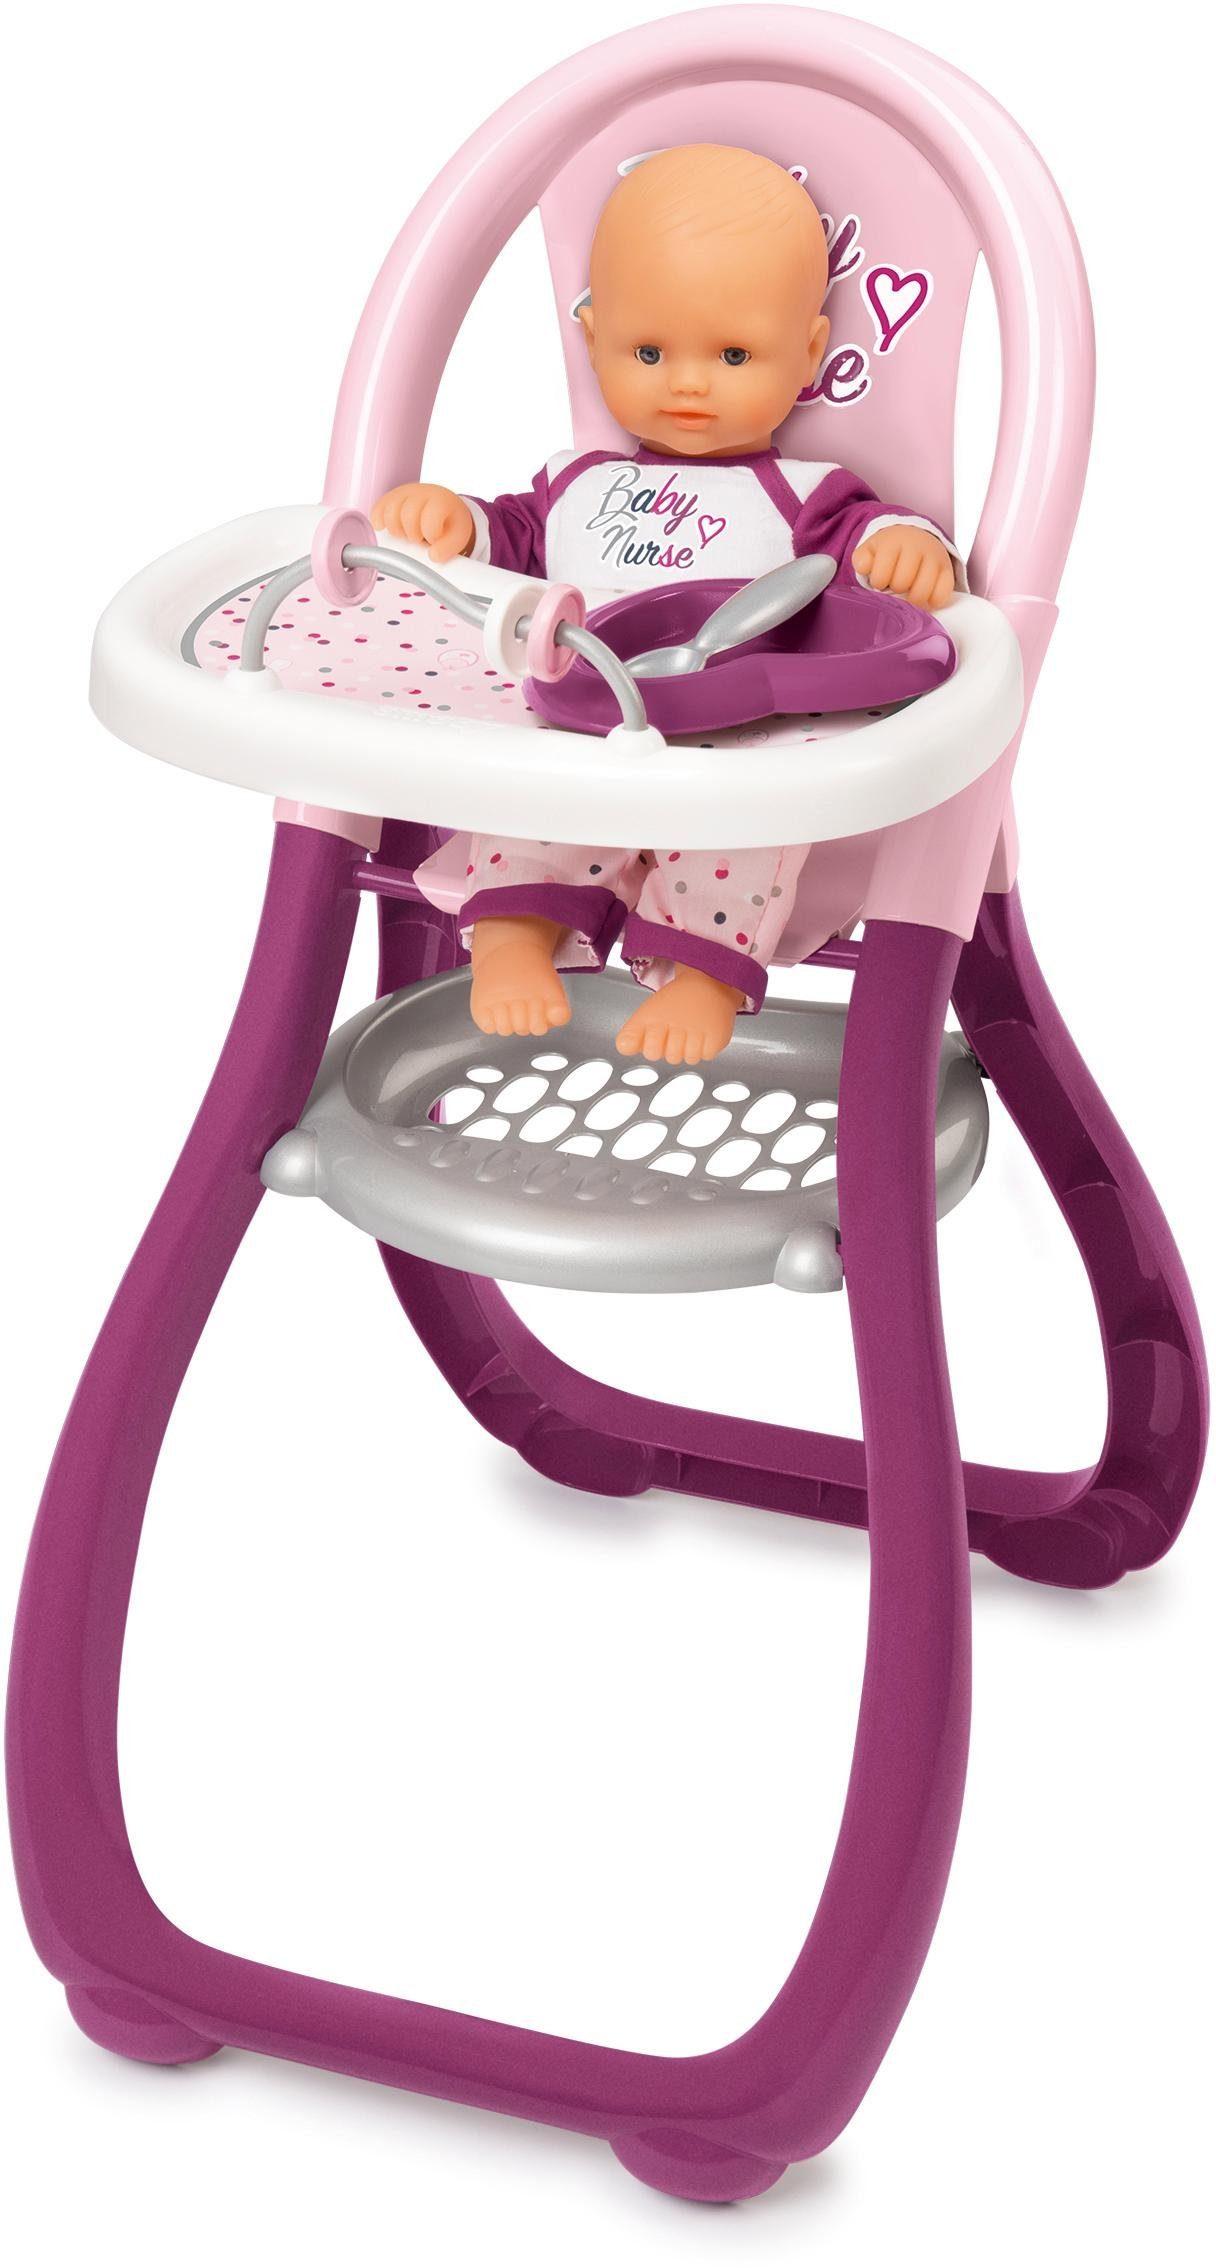 Smoby Puppenhochstuhl Baby Nurse Puppenhochstuhl, Made in Europe rosa Kinder Puppenzubehör Puppen